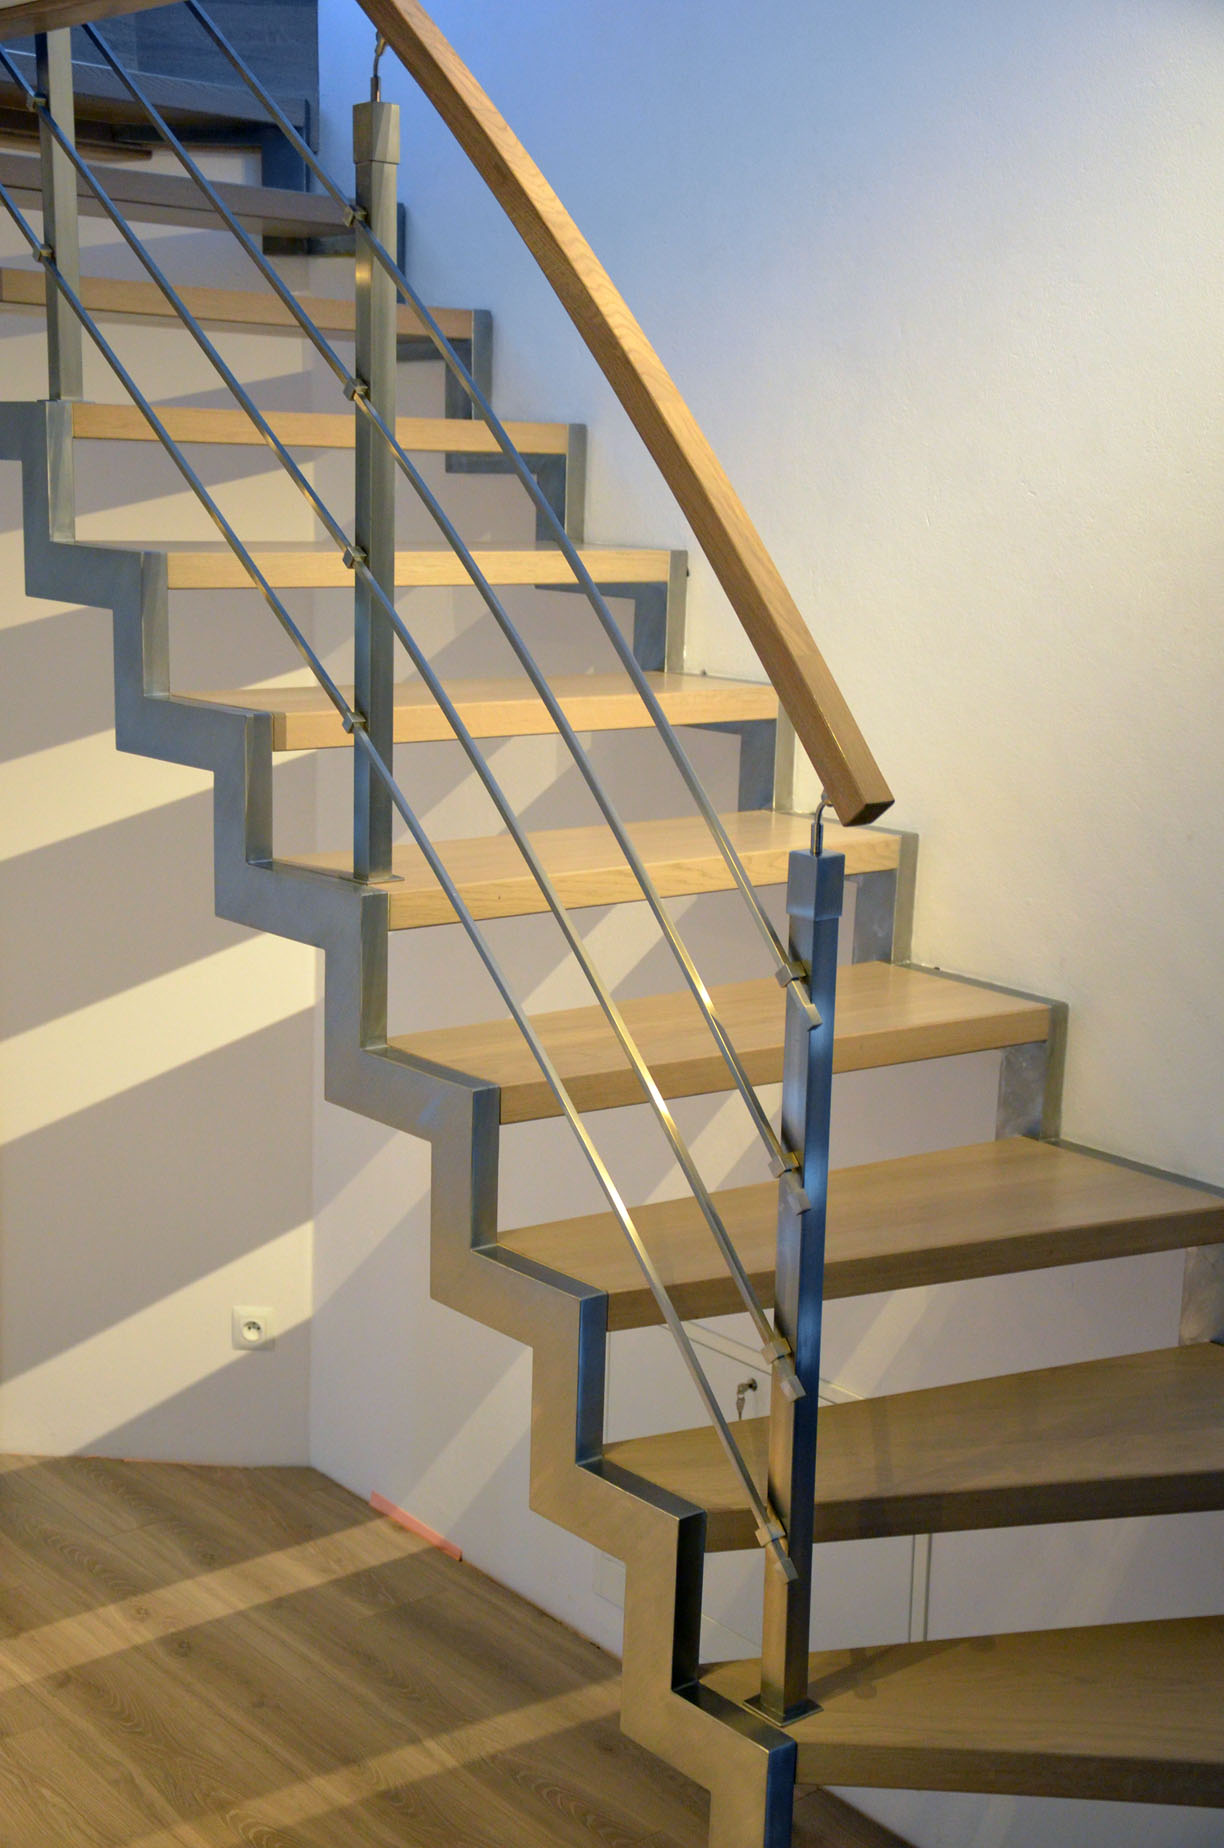 schody-na-konstrukcji-metalowej-2